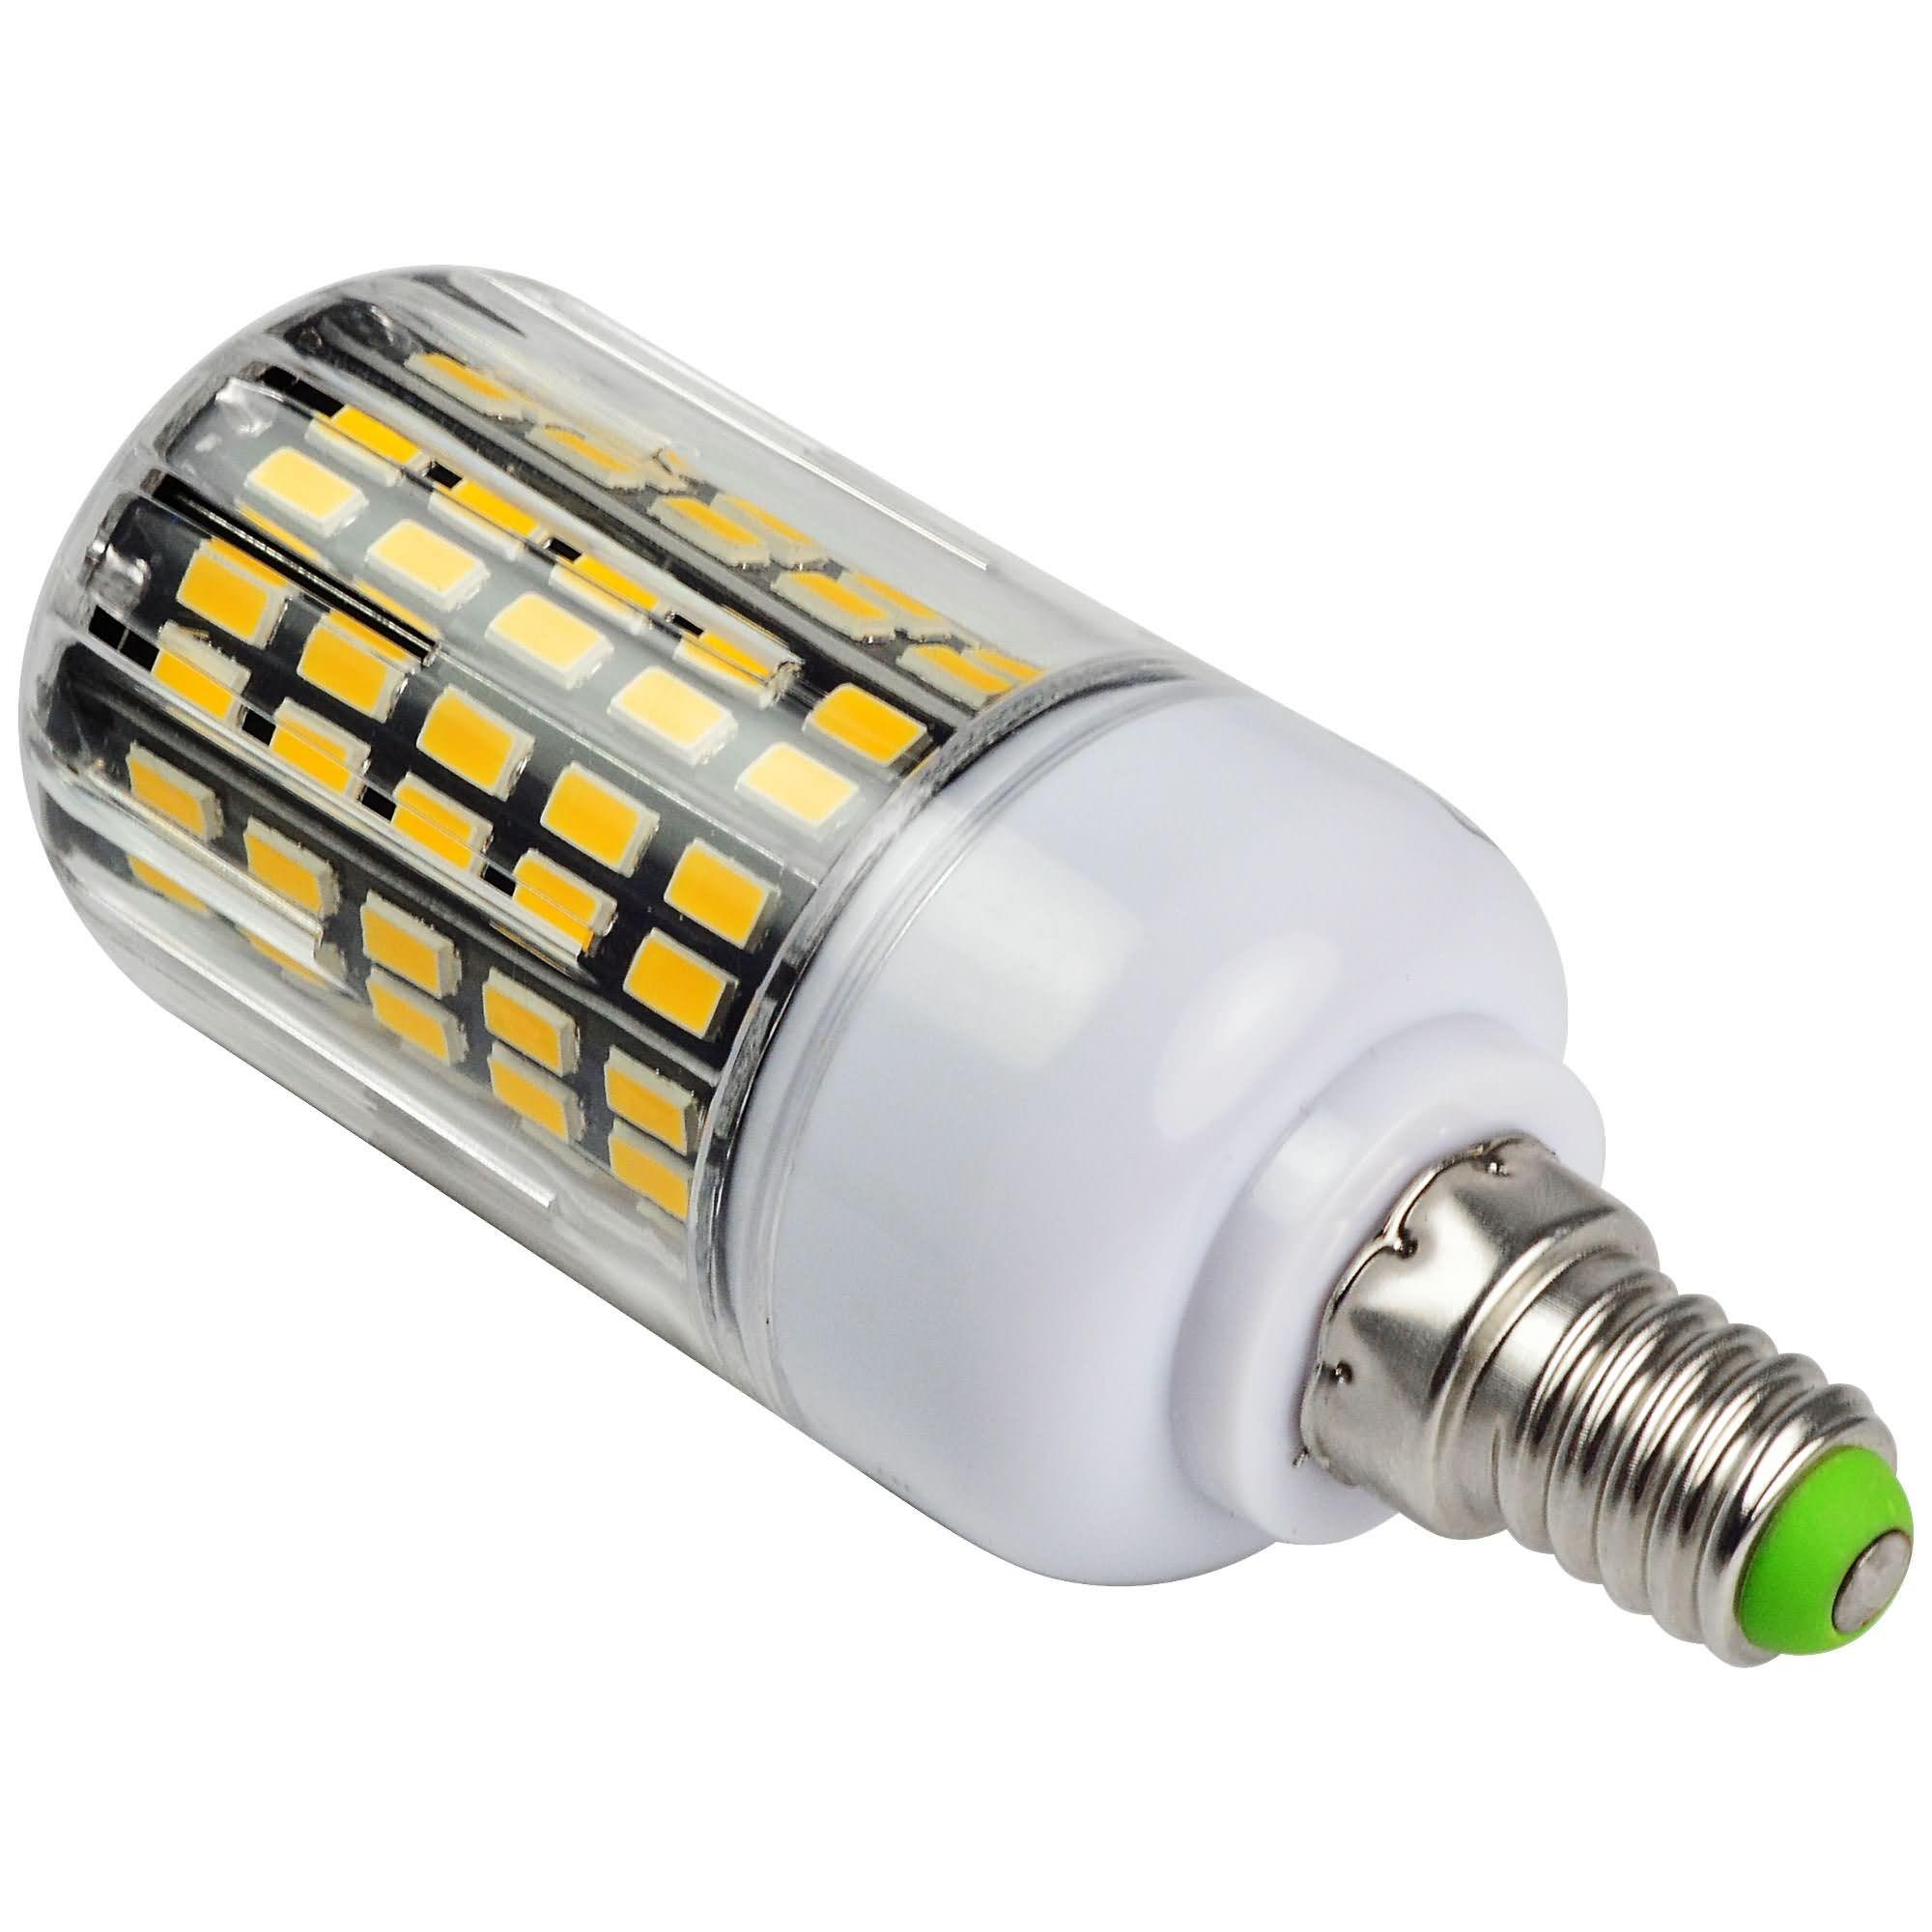 Mengsled Mengs 174 E14 15w Led Corn Light 108x 5733 Smd Led